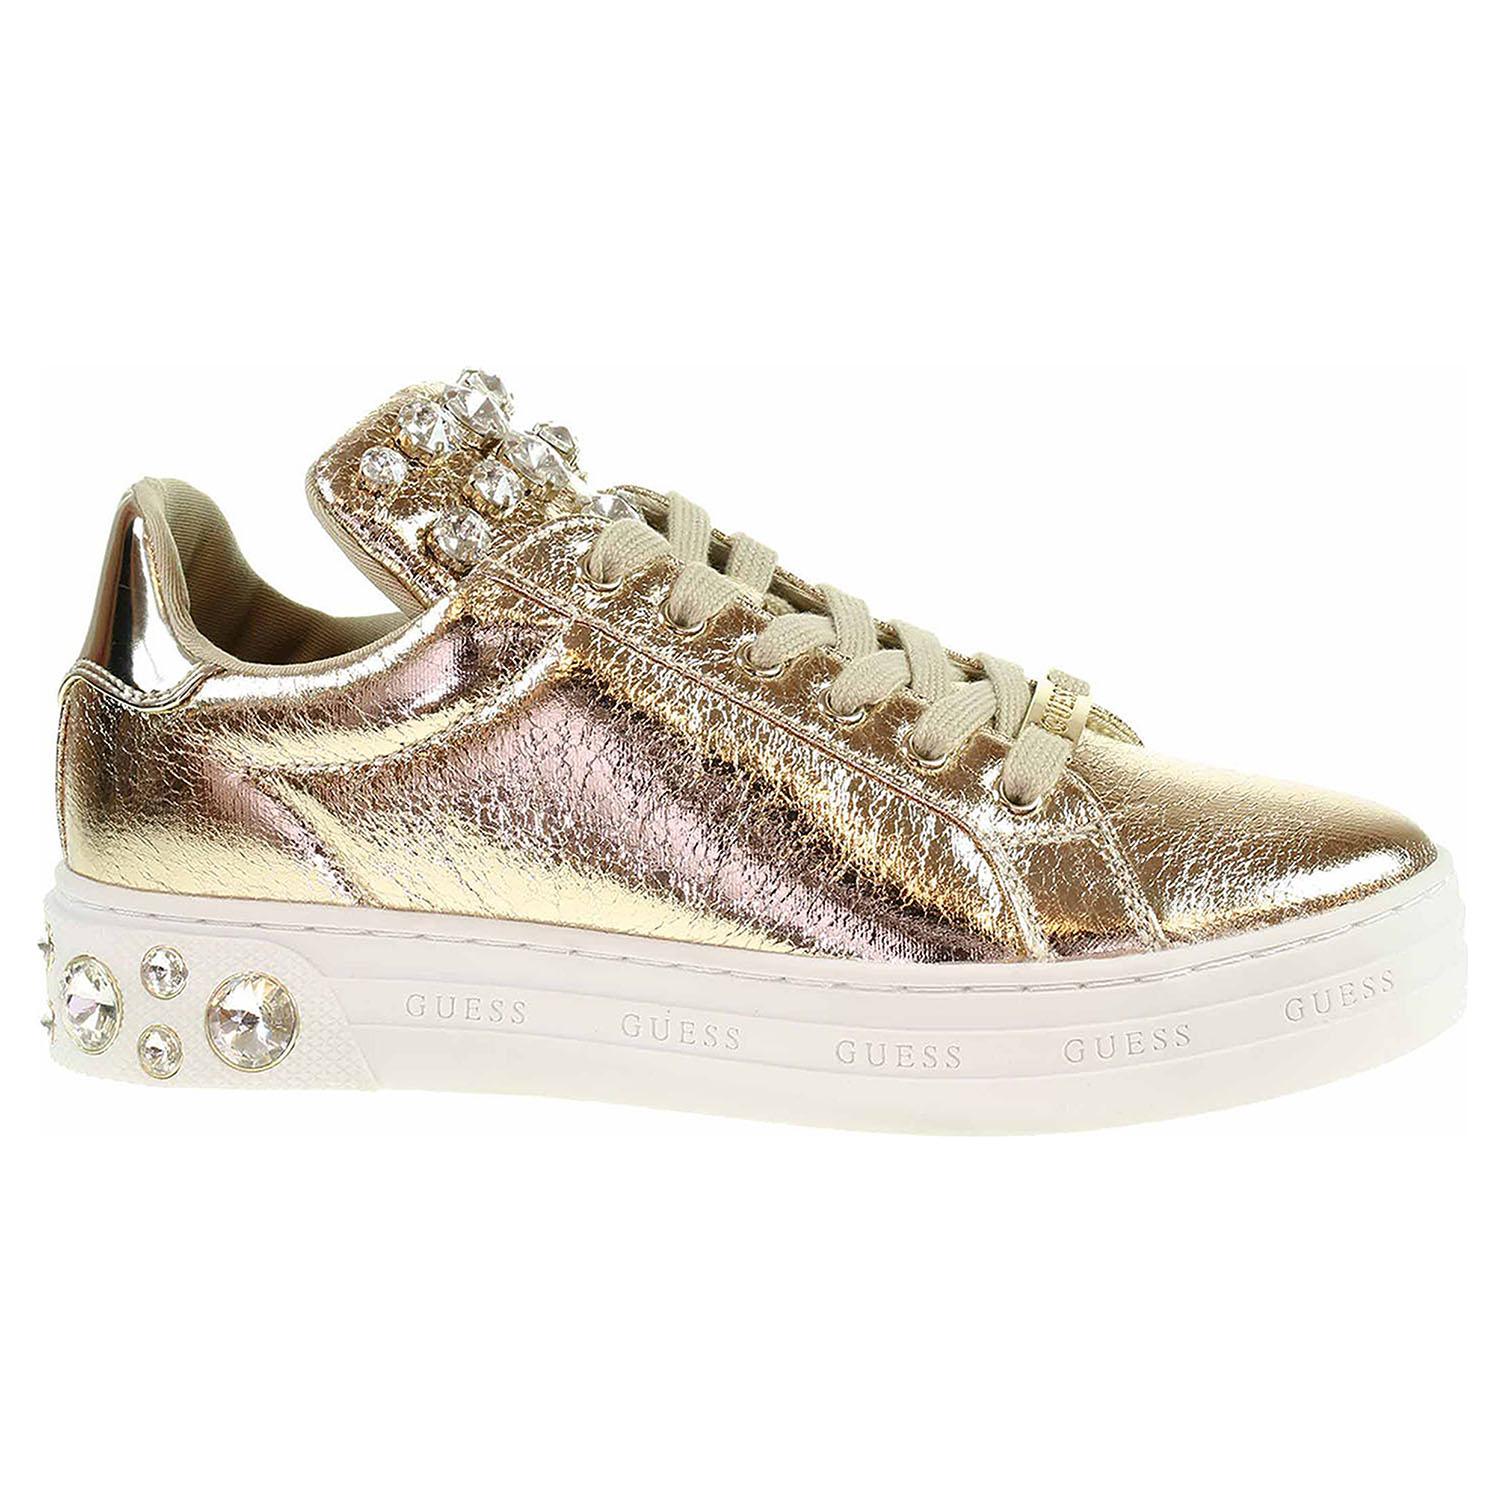 Dámská obuv Guess Marey gold FL7MEYLEL12 gold 36